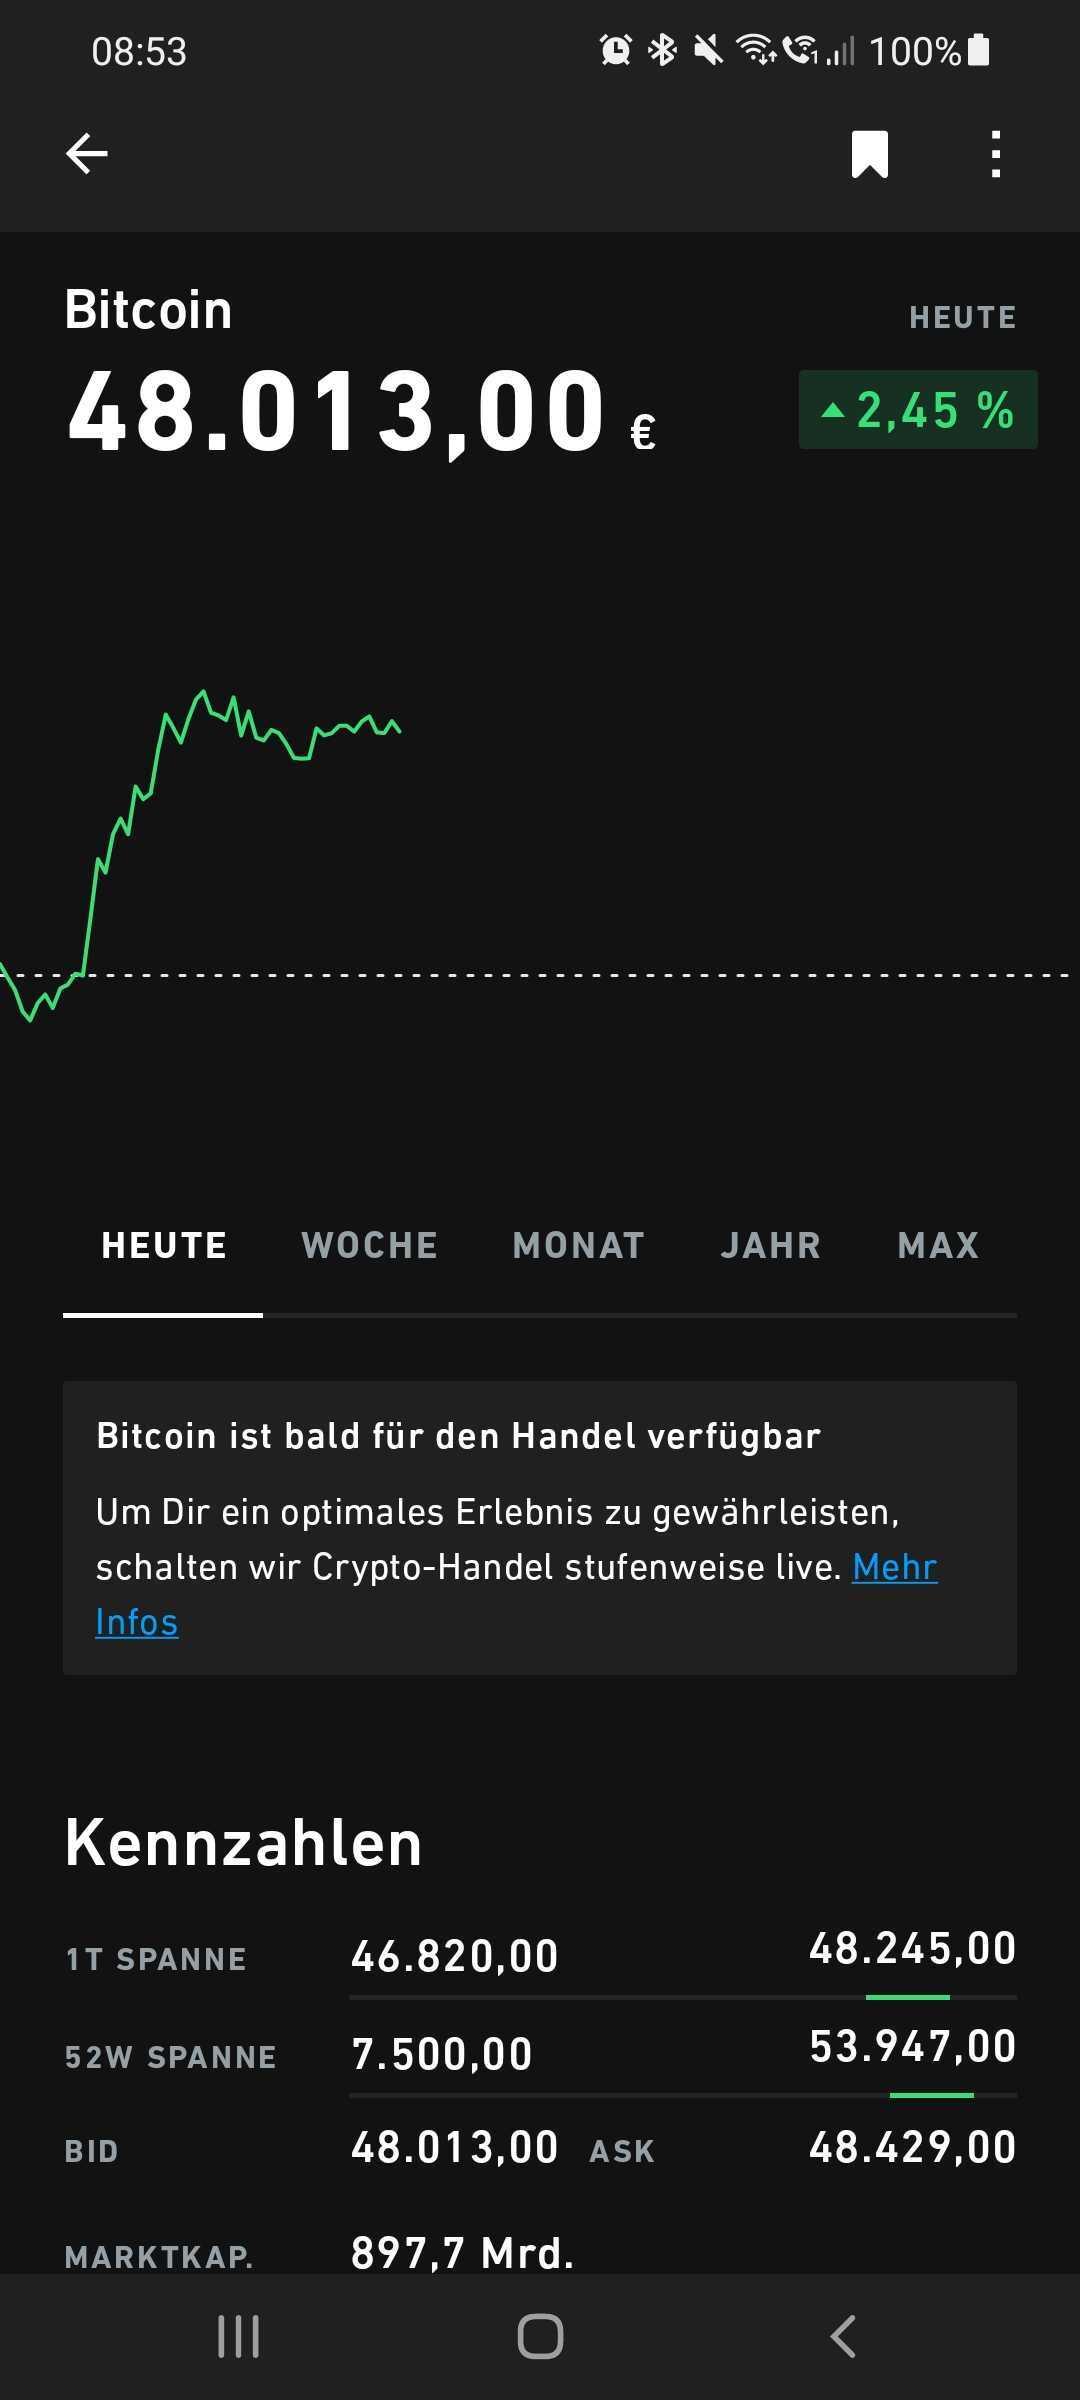 Bitcoin investment trust gibt aktiensplit von 91-1 bekannt